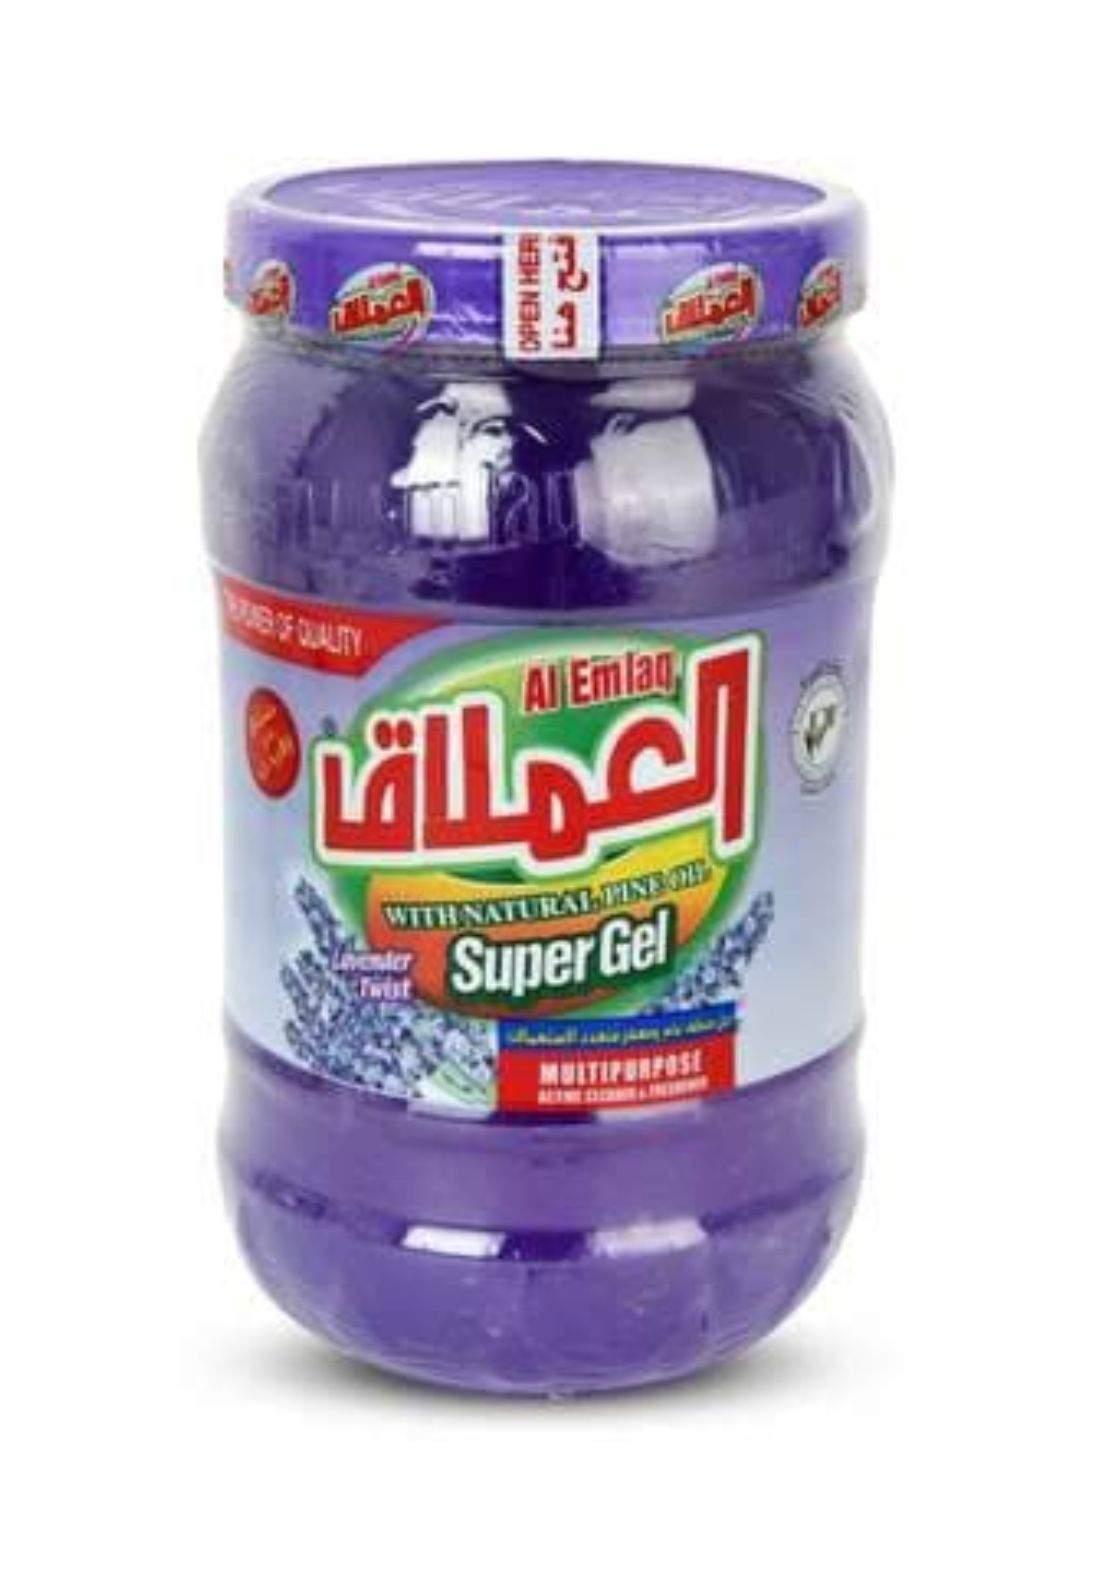 Al emlaq super gel 1000g العملاق سوبر جل